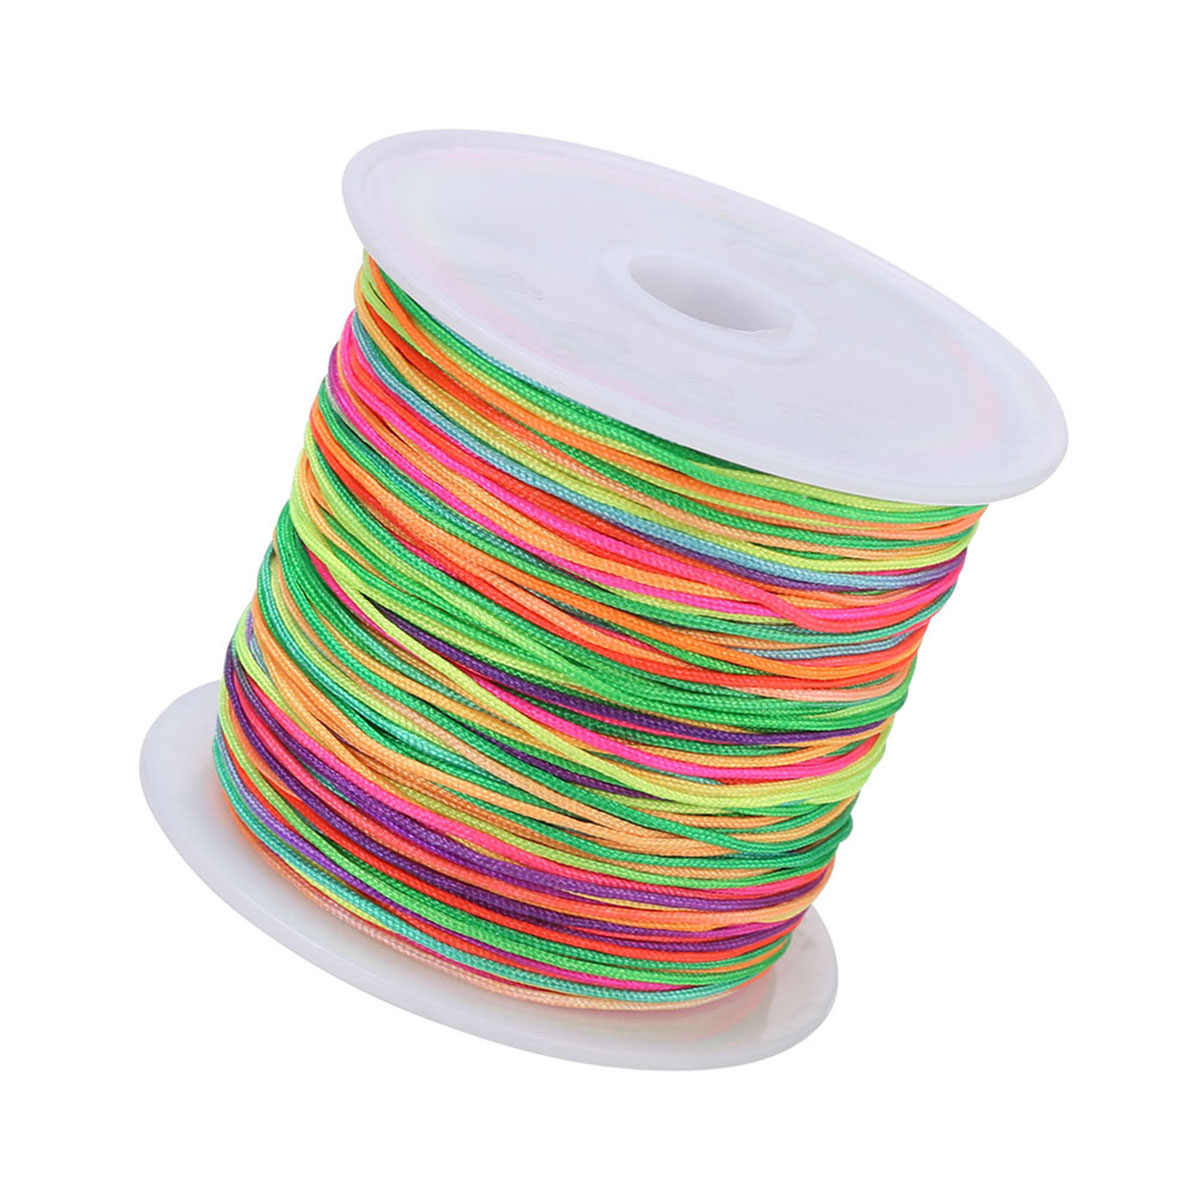 Nuevo 0,8mm 45 M/rollo de cable de Nylon hilo chino nudo macramé Rattail pulsera trenzada cadena para accesorios de costura para manualidades diy